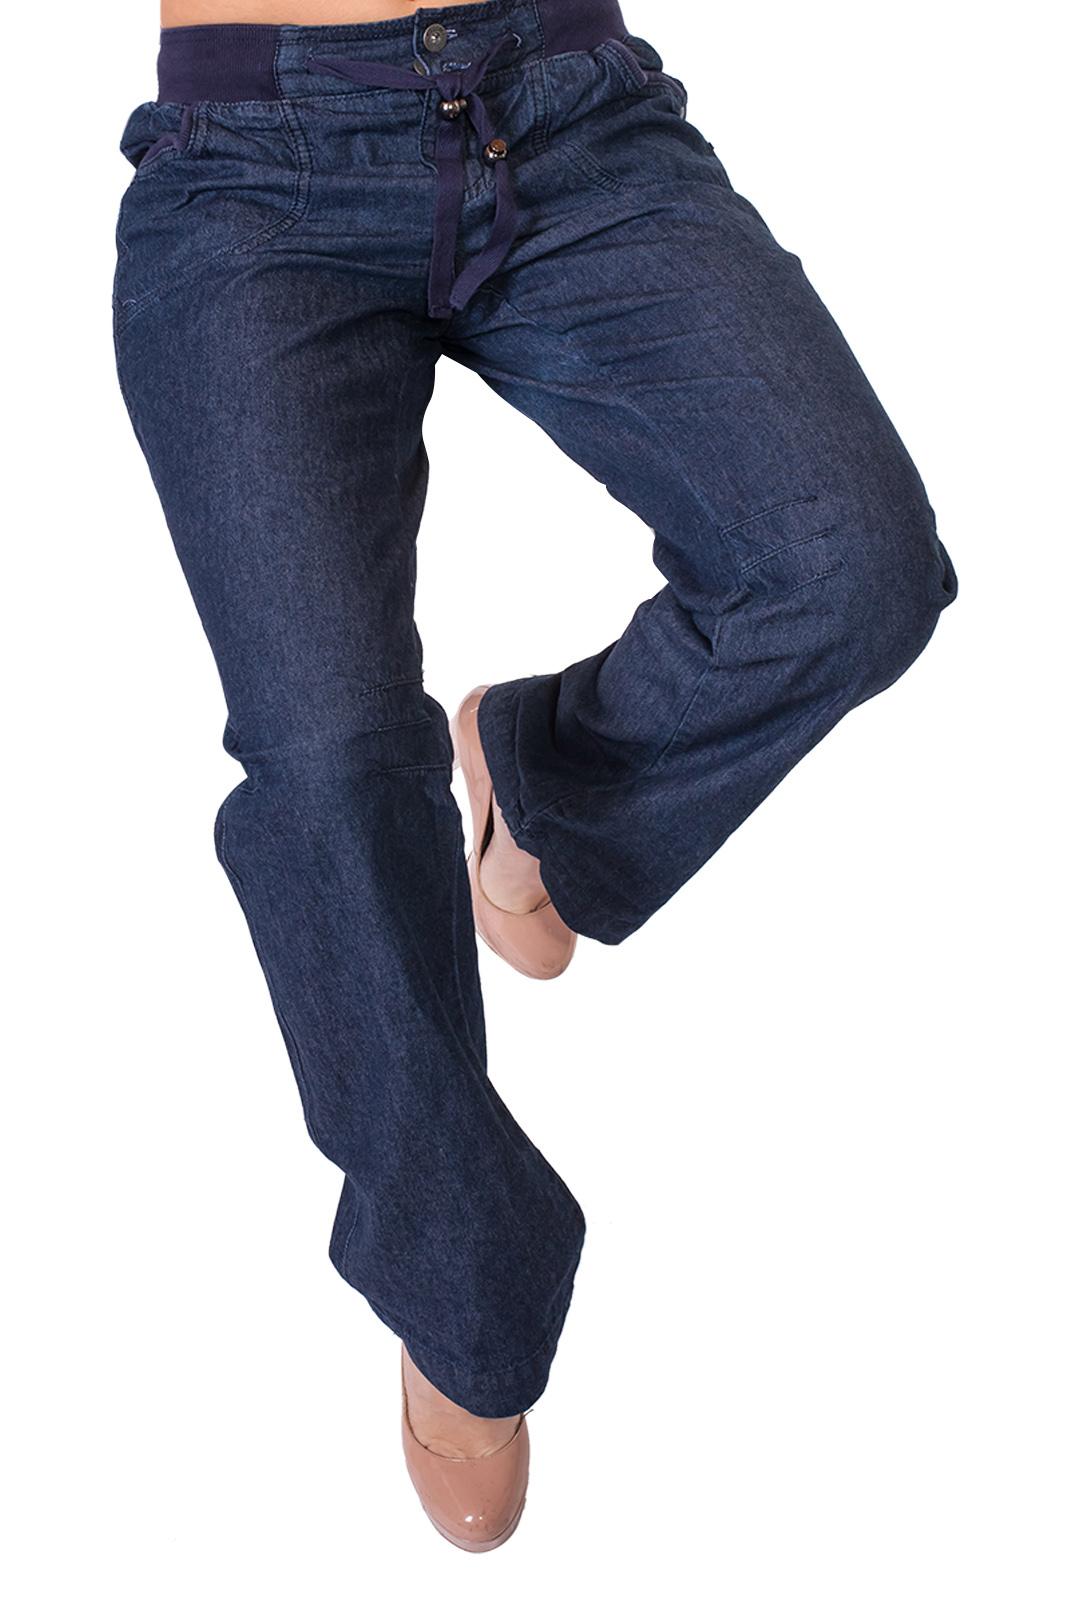 8eb54e5d484 Спорт-ШИК от ТМ Arizona – женские oversize джинсы на резинке.